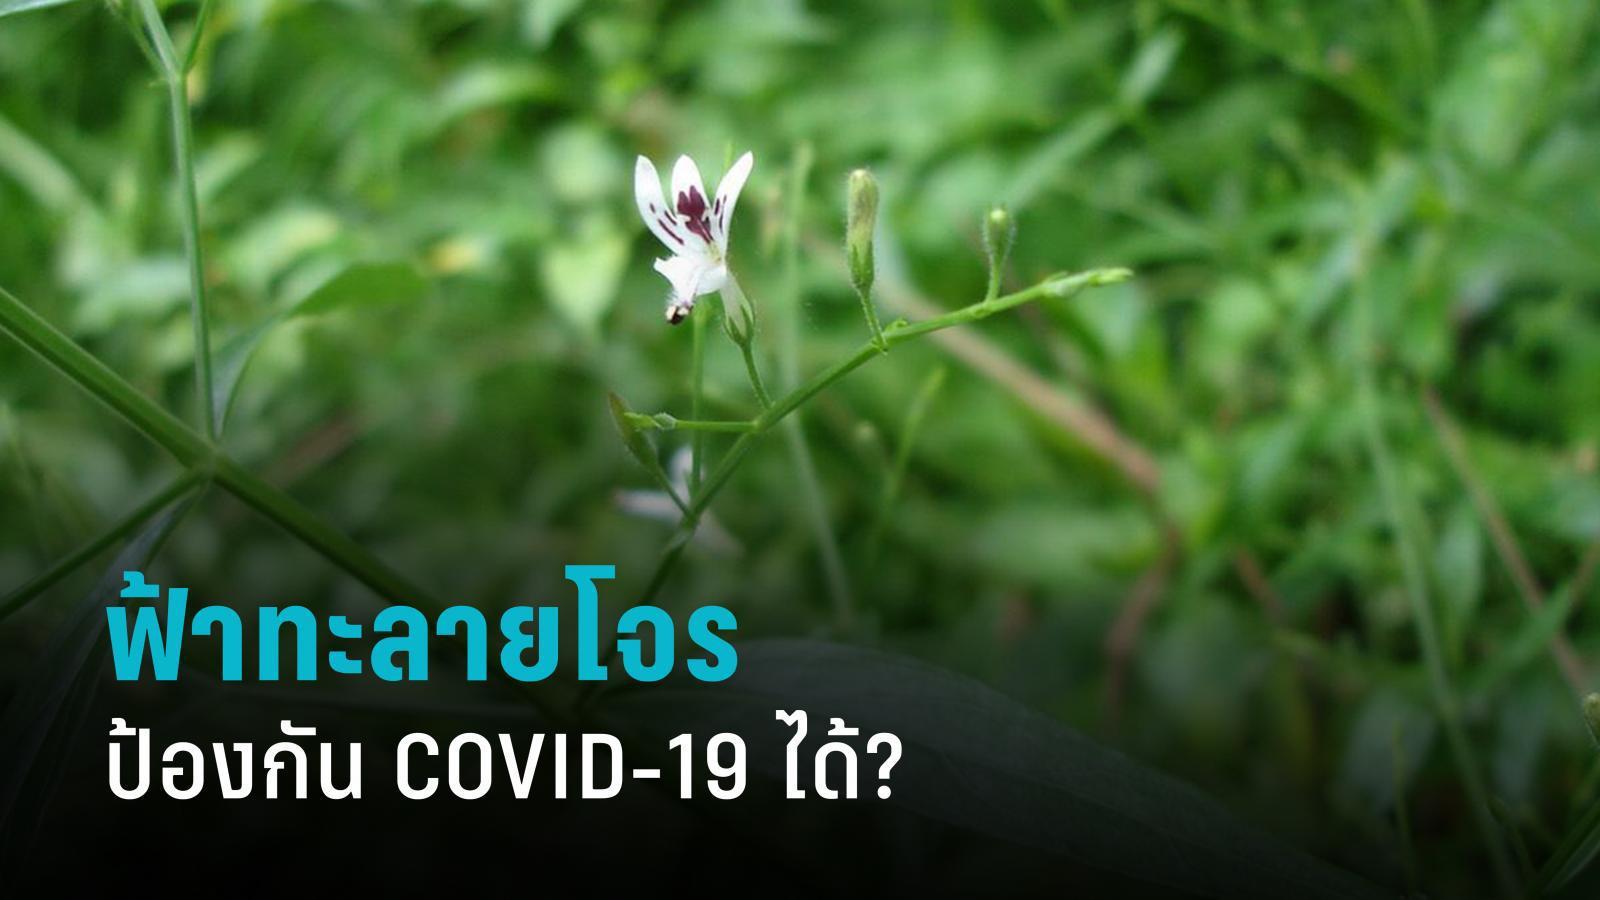 ฟ้าทะลายโจรป้องกัน COVID-19 ได้?